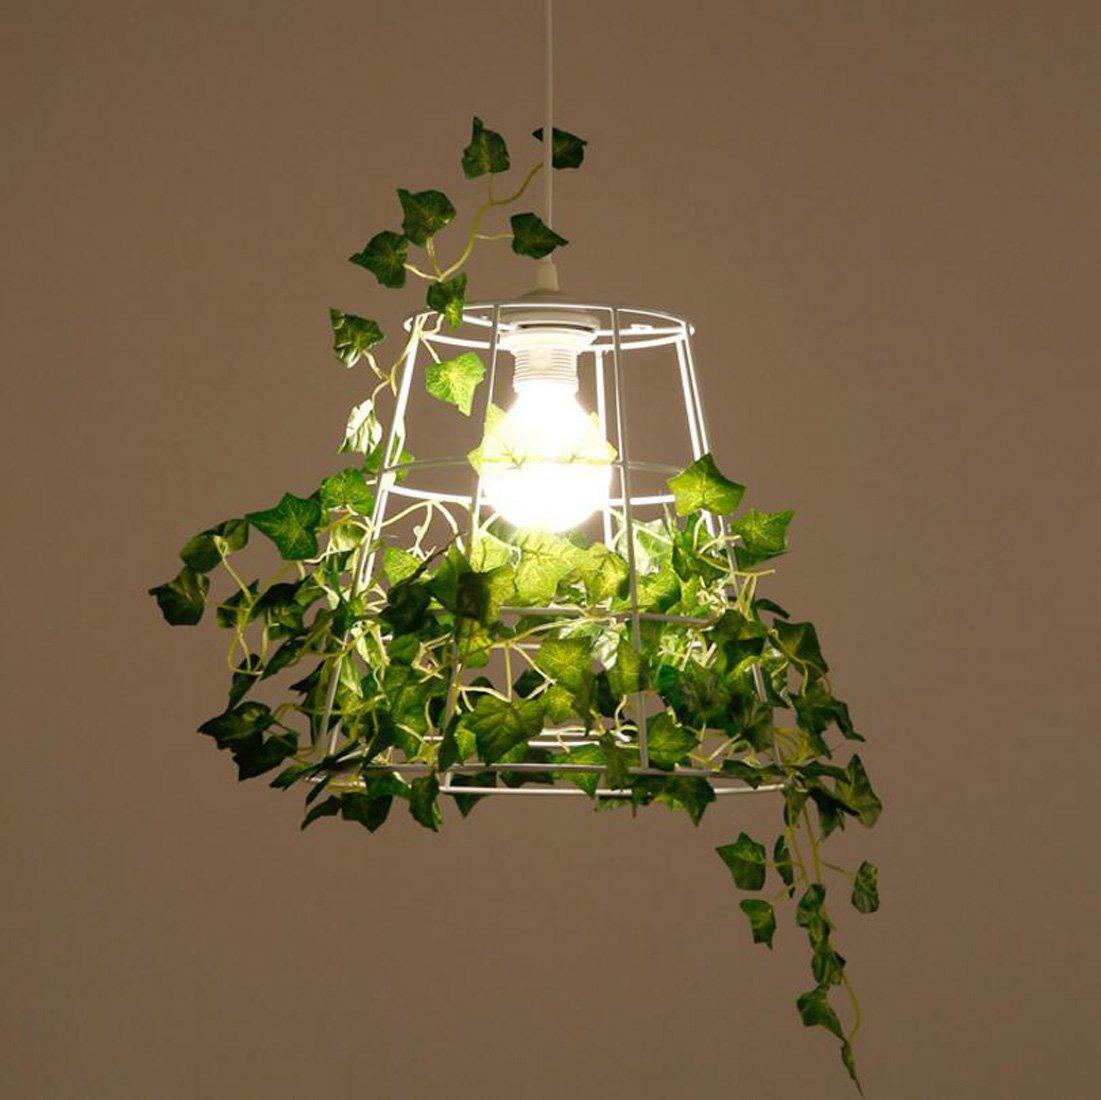 Ydxwan LED Kreative Eisen Birdcage Pflanze Kronleuchter Kronleuchter Weiß Kronleuchter Restaurant/Wohnzimmer/Schlafzimmer/Balkon/Florist Amerikanischen Kronleuchter E27 Lichtquelle (Ohne Birne)